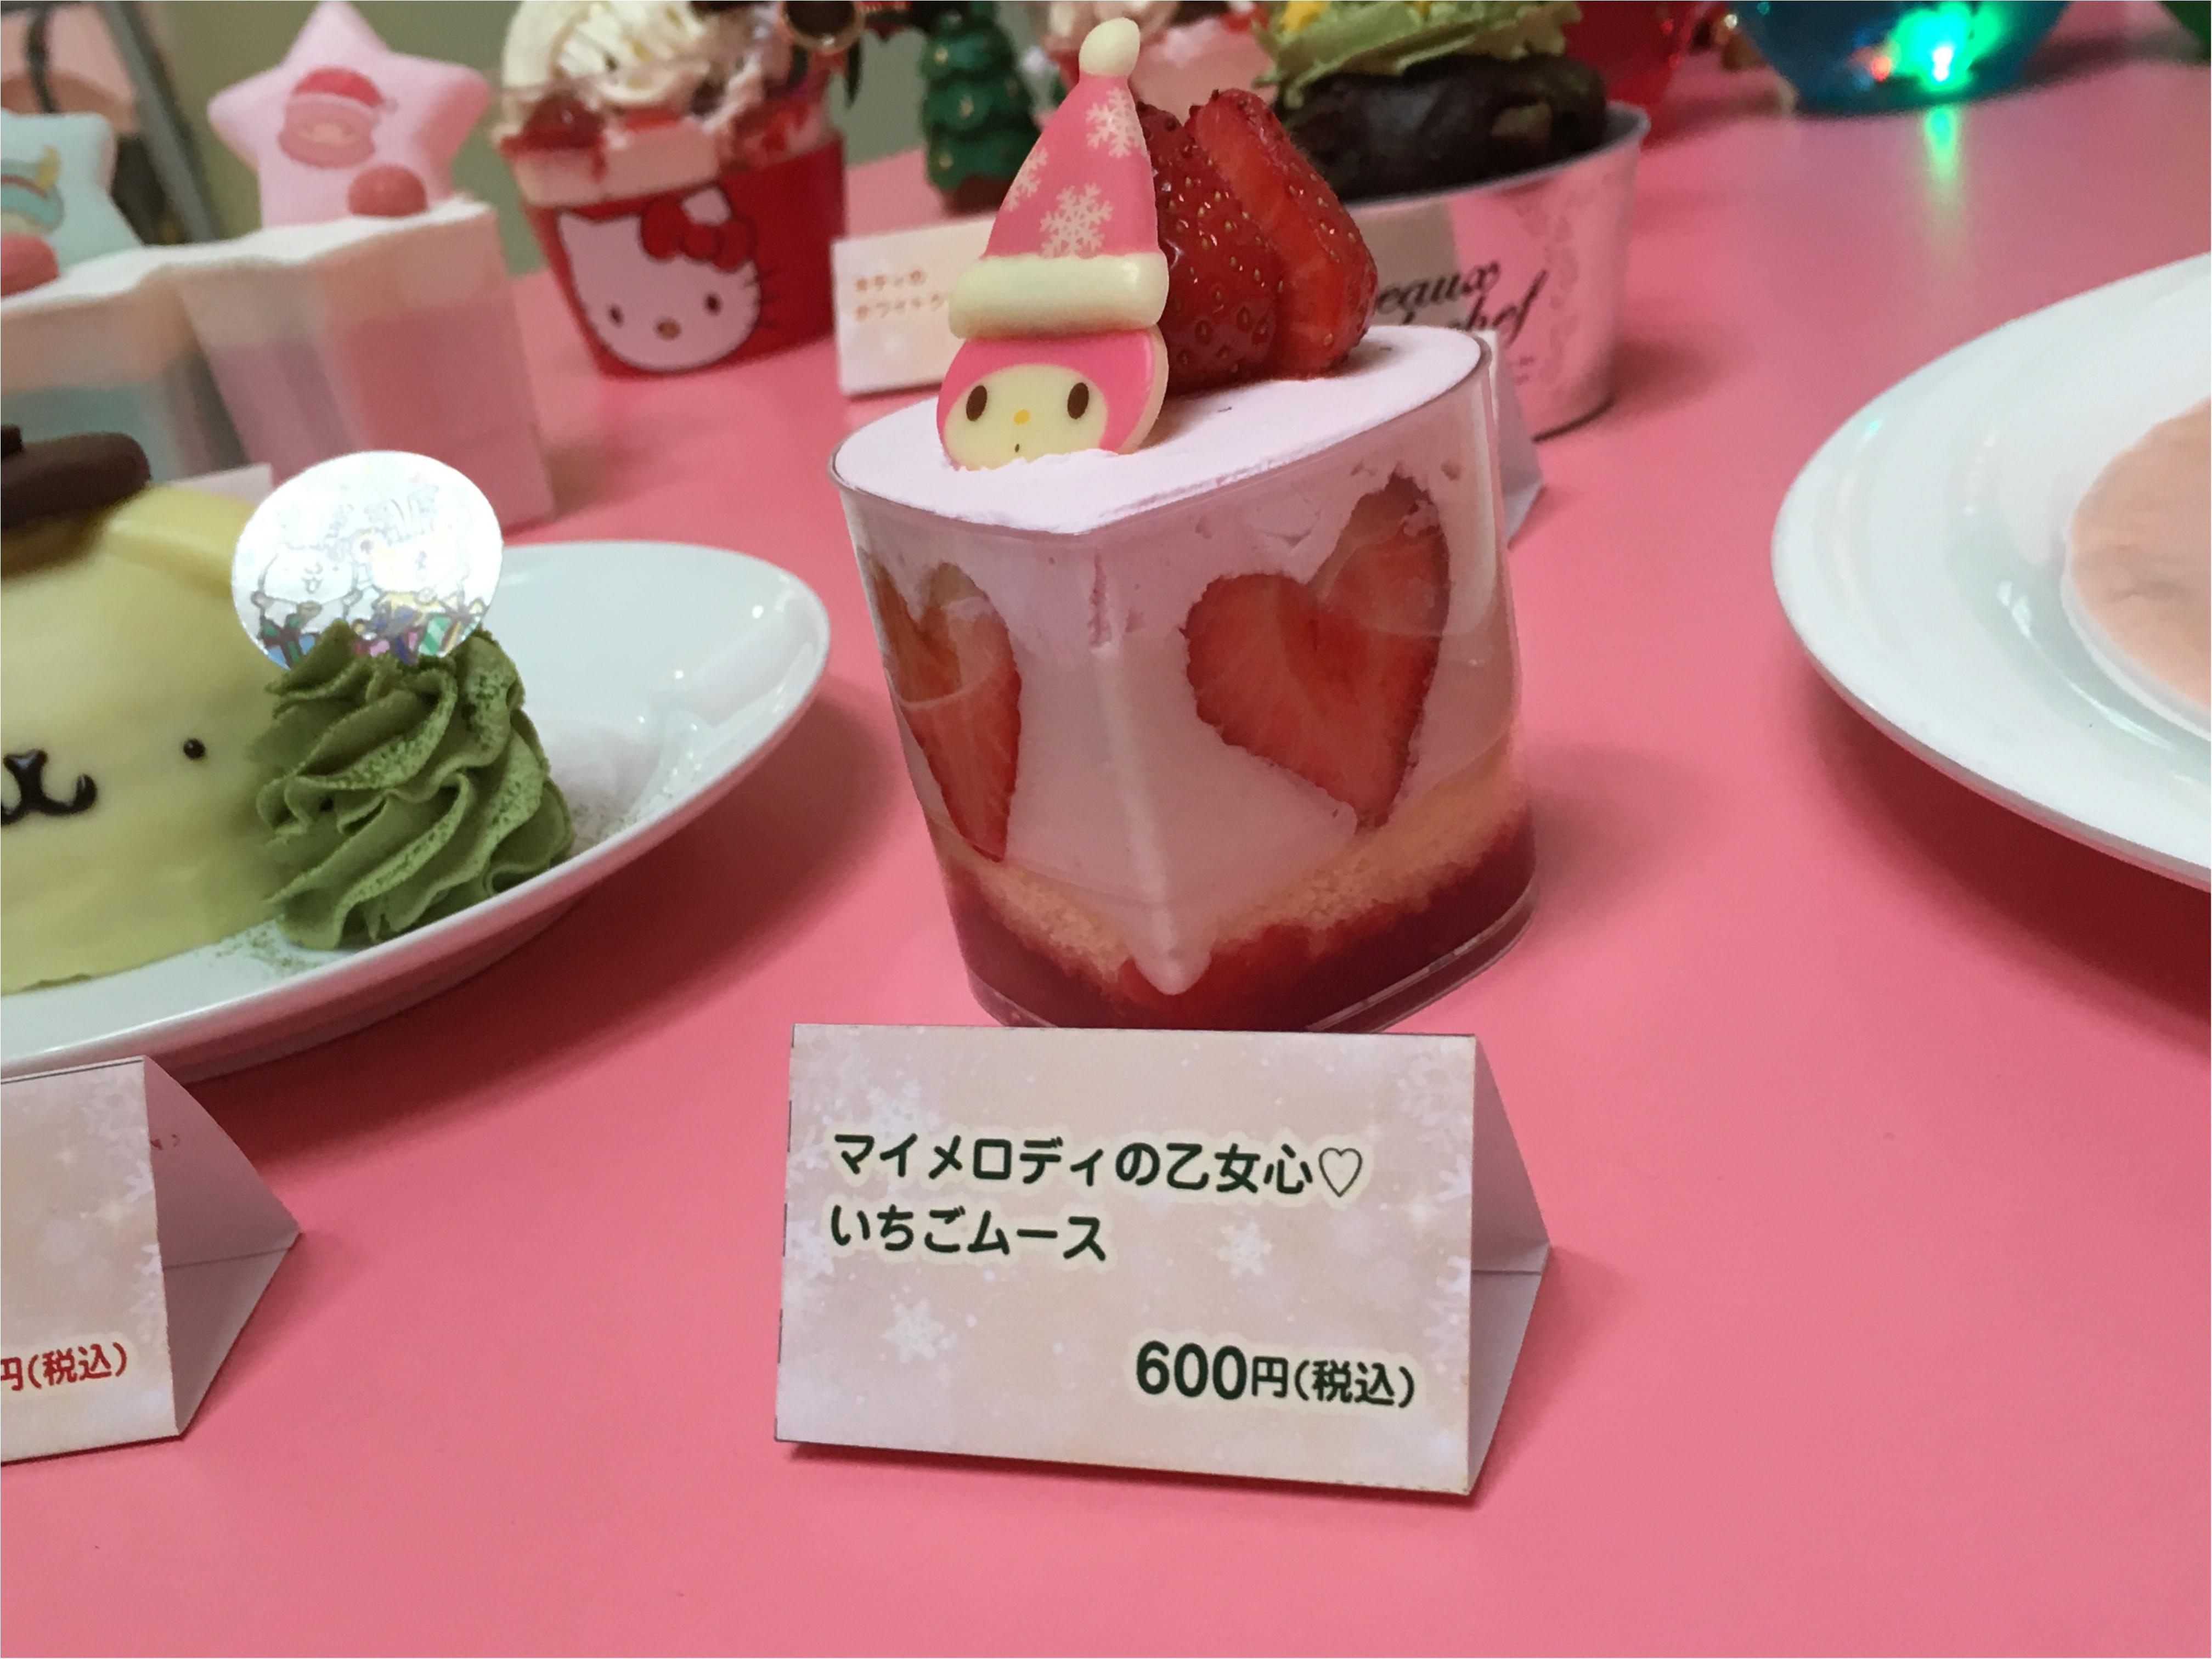 『ピューロクリスマス』-高橋愛ちゃんやトレンディエンジェルも食べた!インスタ映え◎なピューロランドのフードメニュー-_5